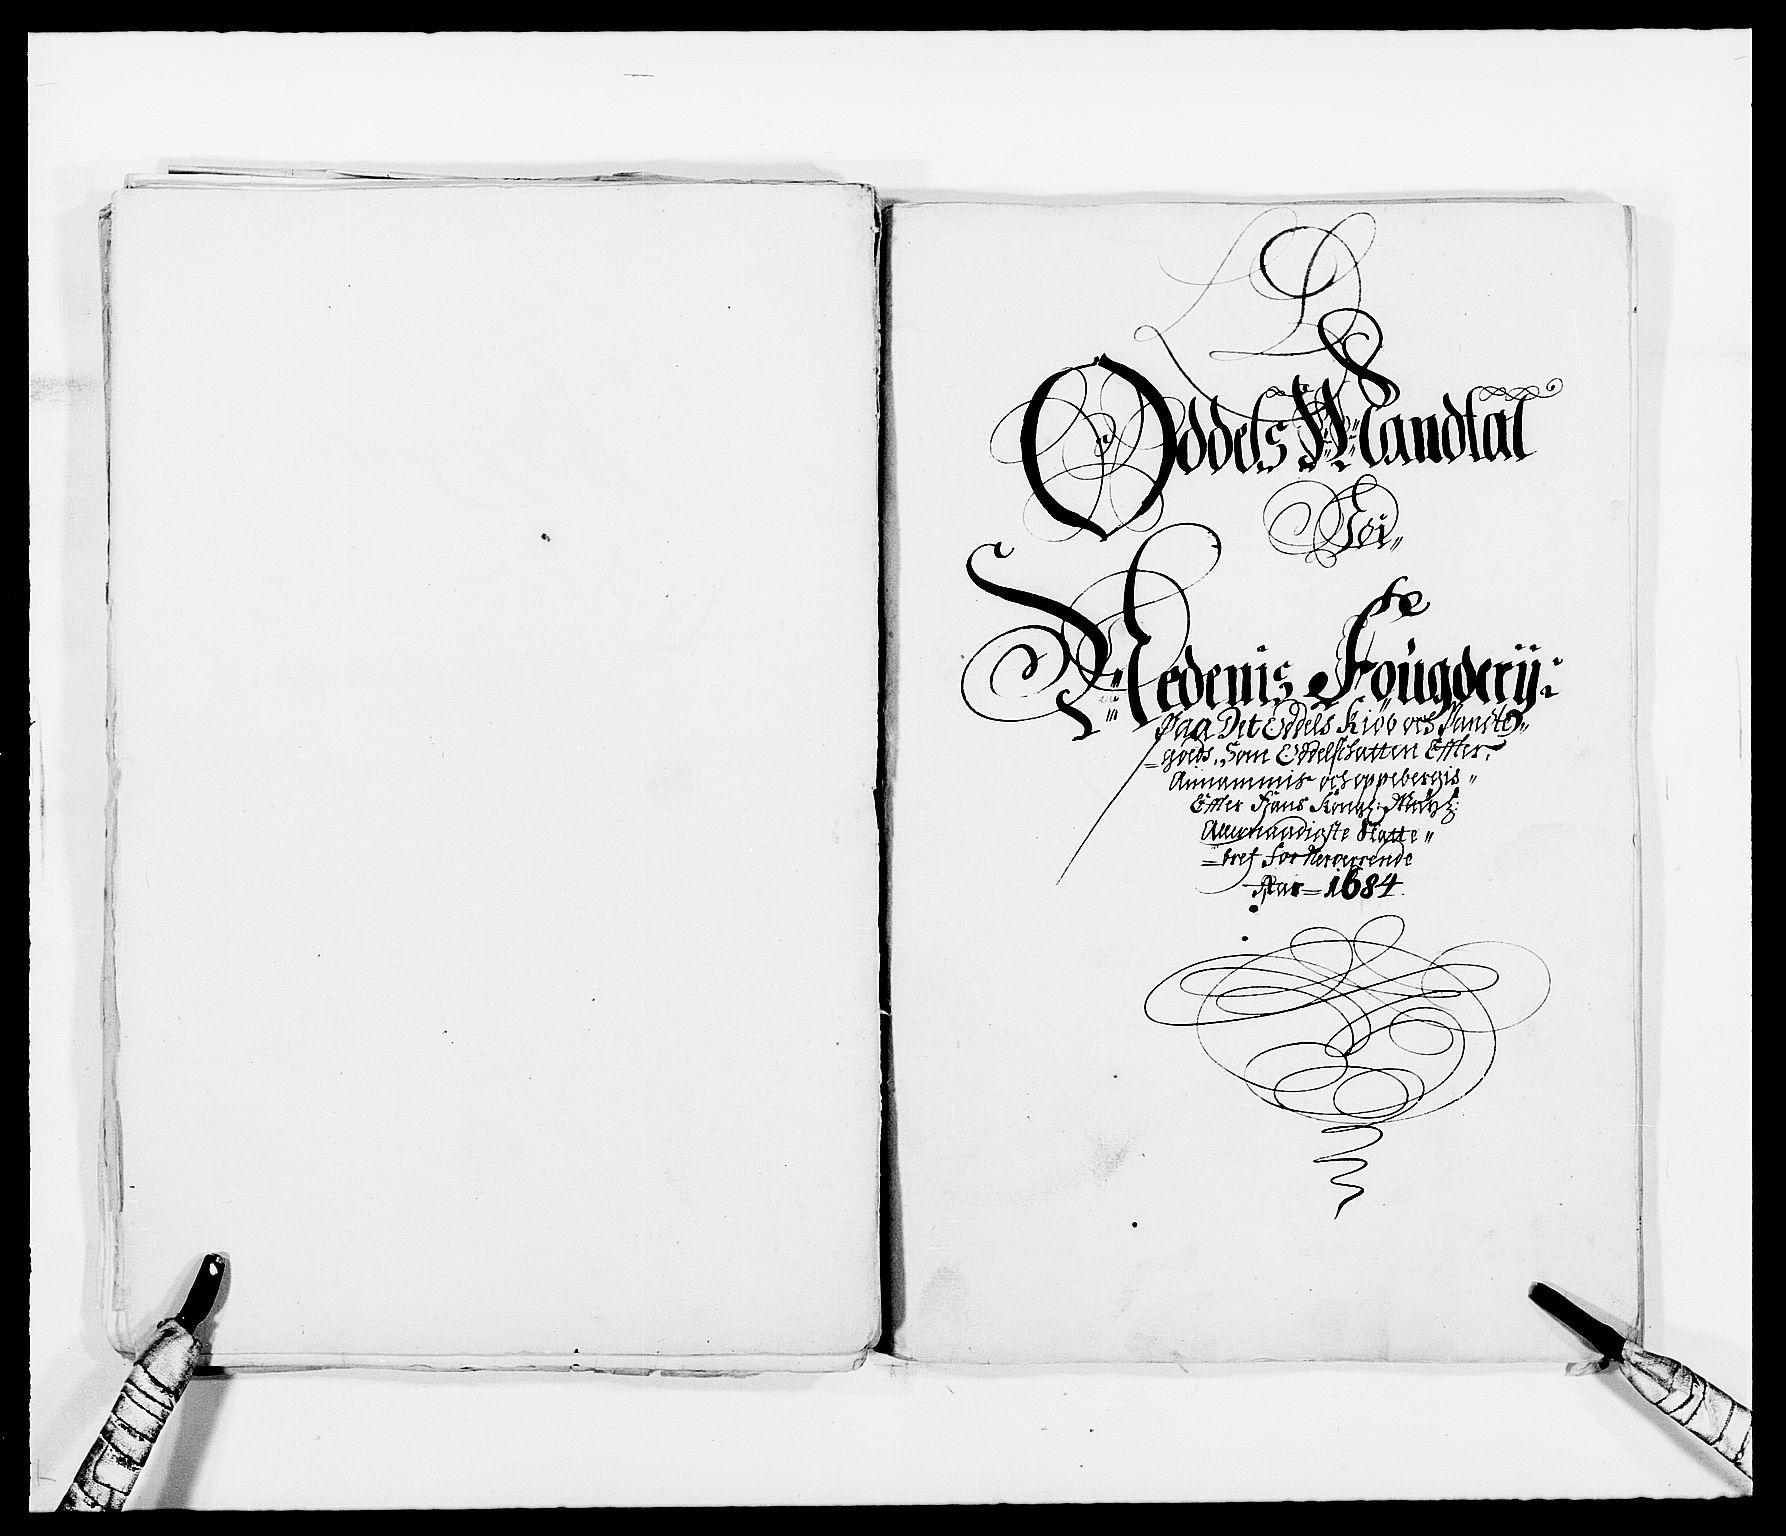 RA, Rentekammeret inntil 1814, Reviderte regnskaper, Fogderegnskap, R39/L2308: Fogderegnskap Nedenes, 1684-1689, s. 22